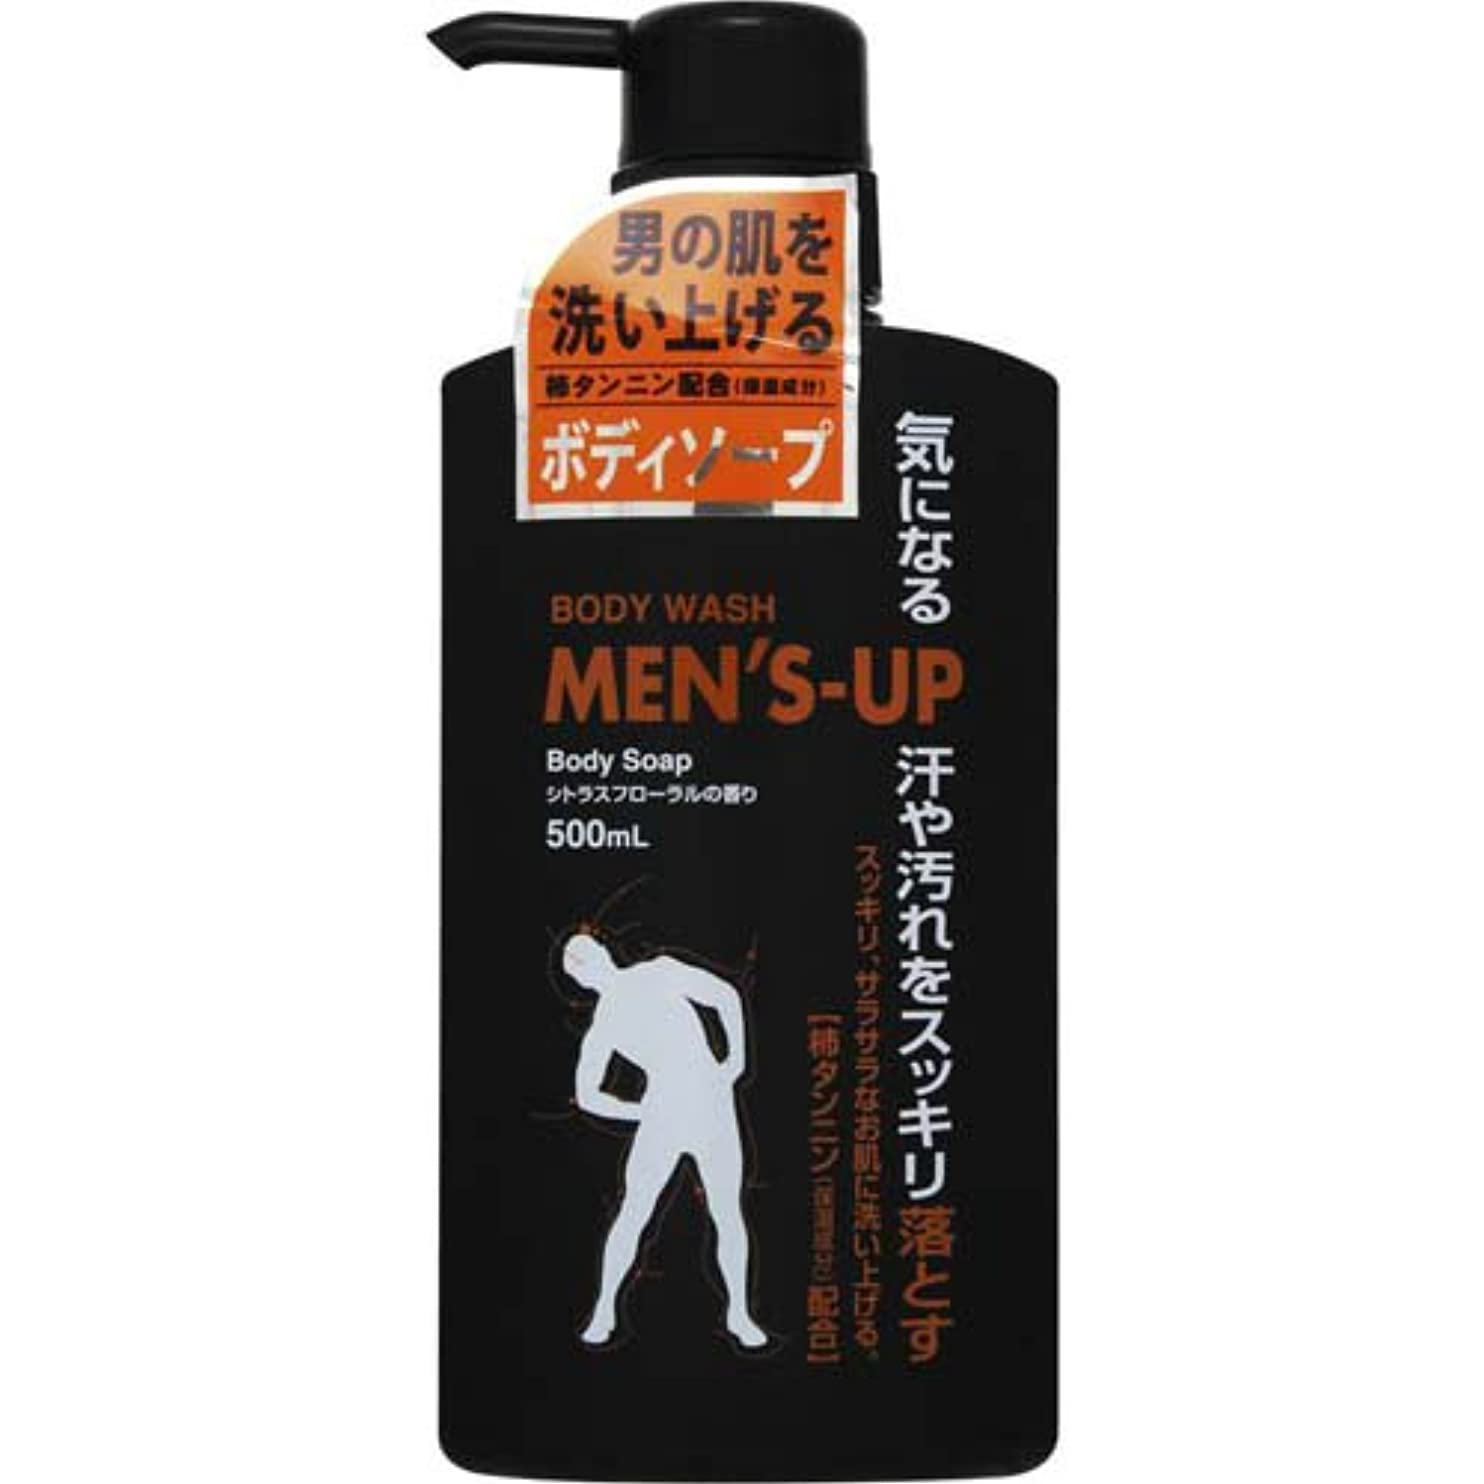 顔料所有権輝度MEN'S-UP(メンズアップ) ボディーソープ 本体 500ml